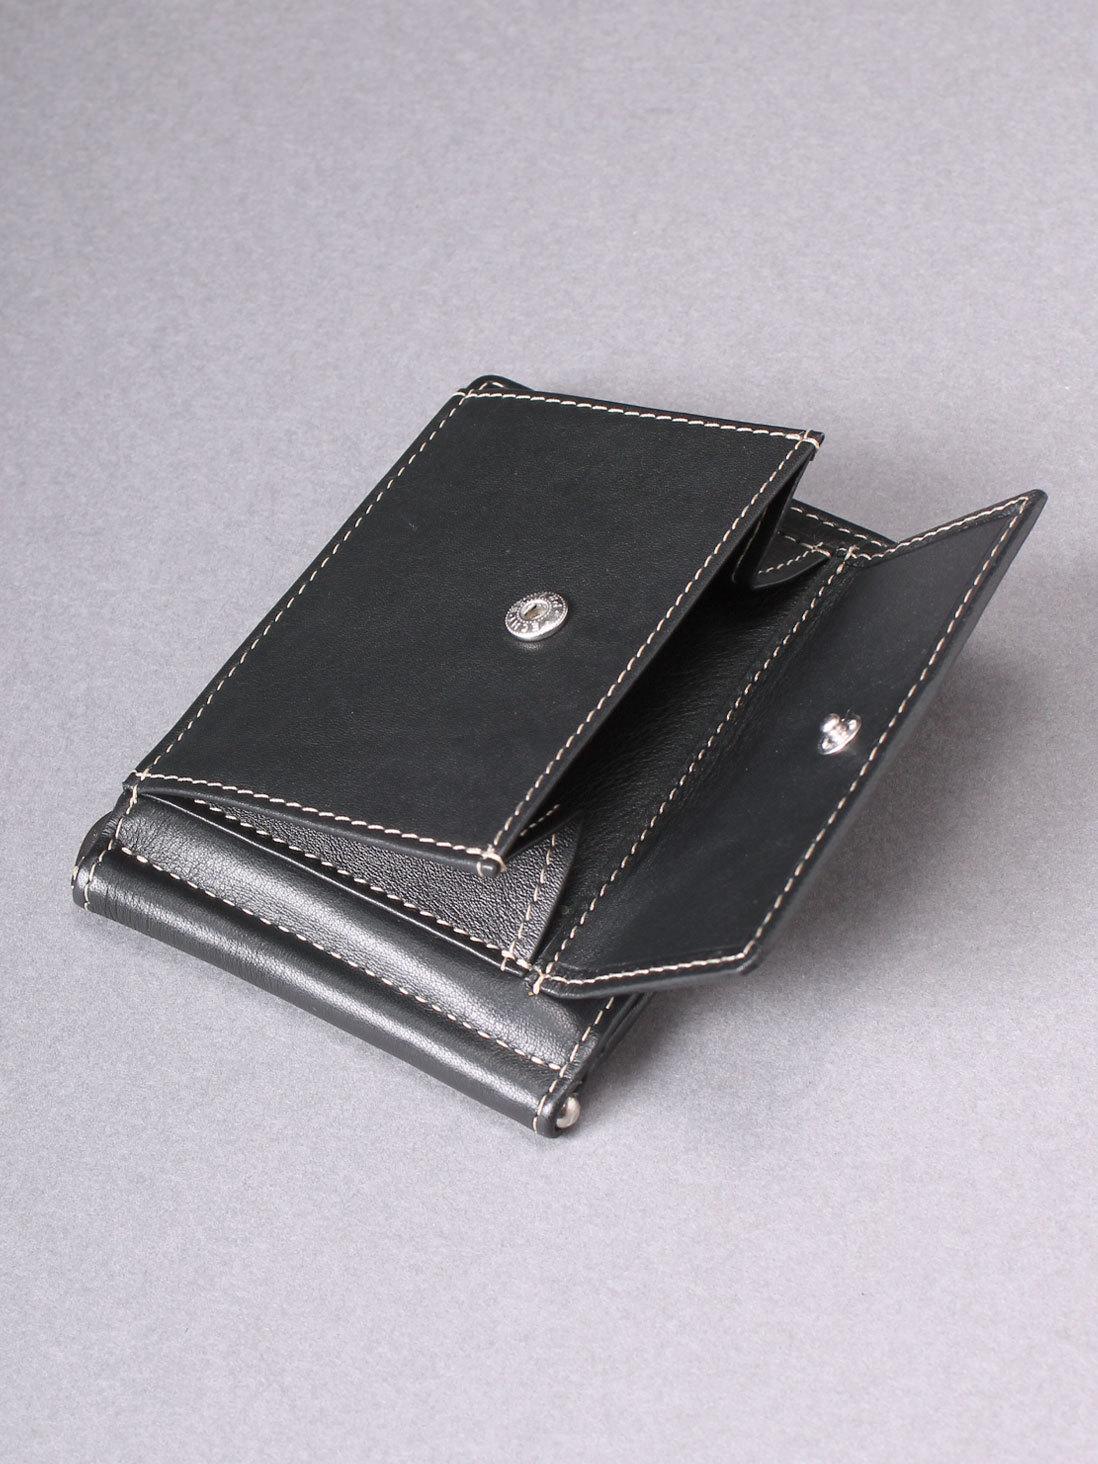 705 R - Зажим для купюр с монетником на кнопке и RFID защитой